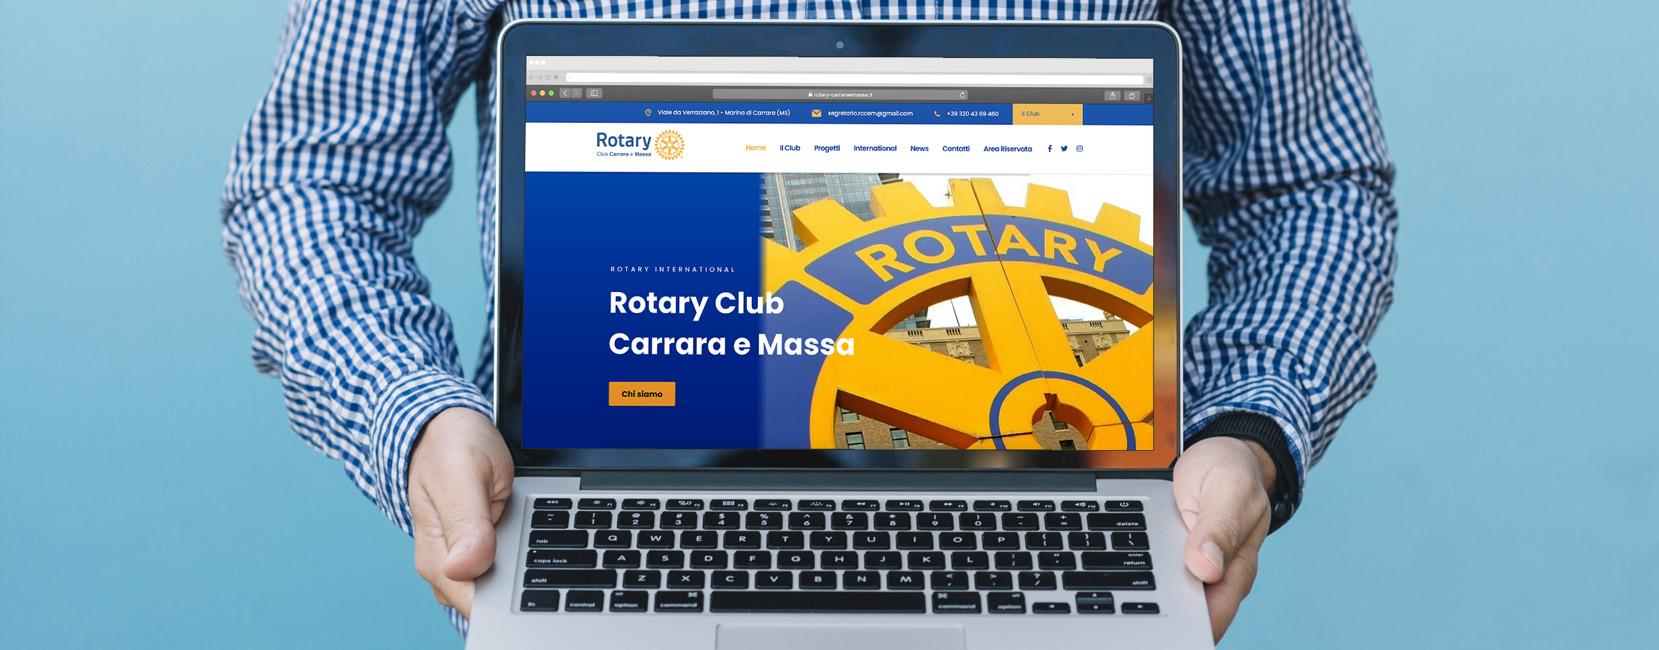 www.rotary-carraraemassa.it